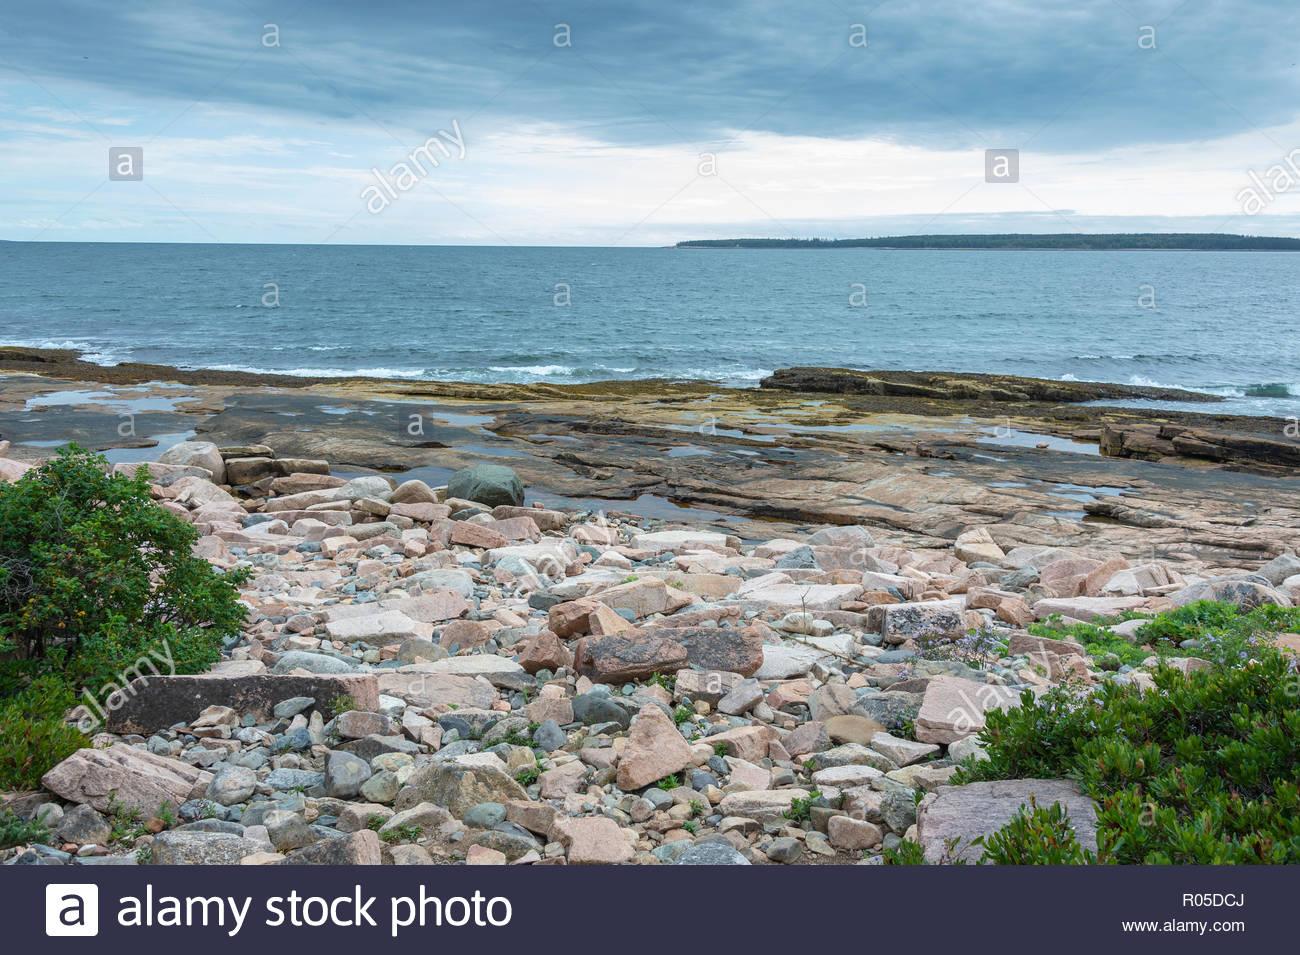 Sentiero delle meraviglie della costa di Granito frantumato e pozze di marea con grande Gott isola in background Immagini Stock